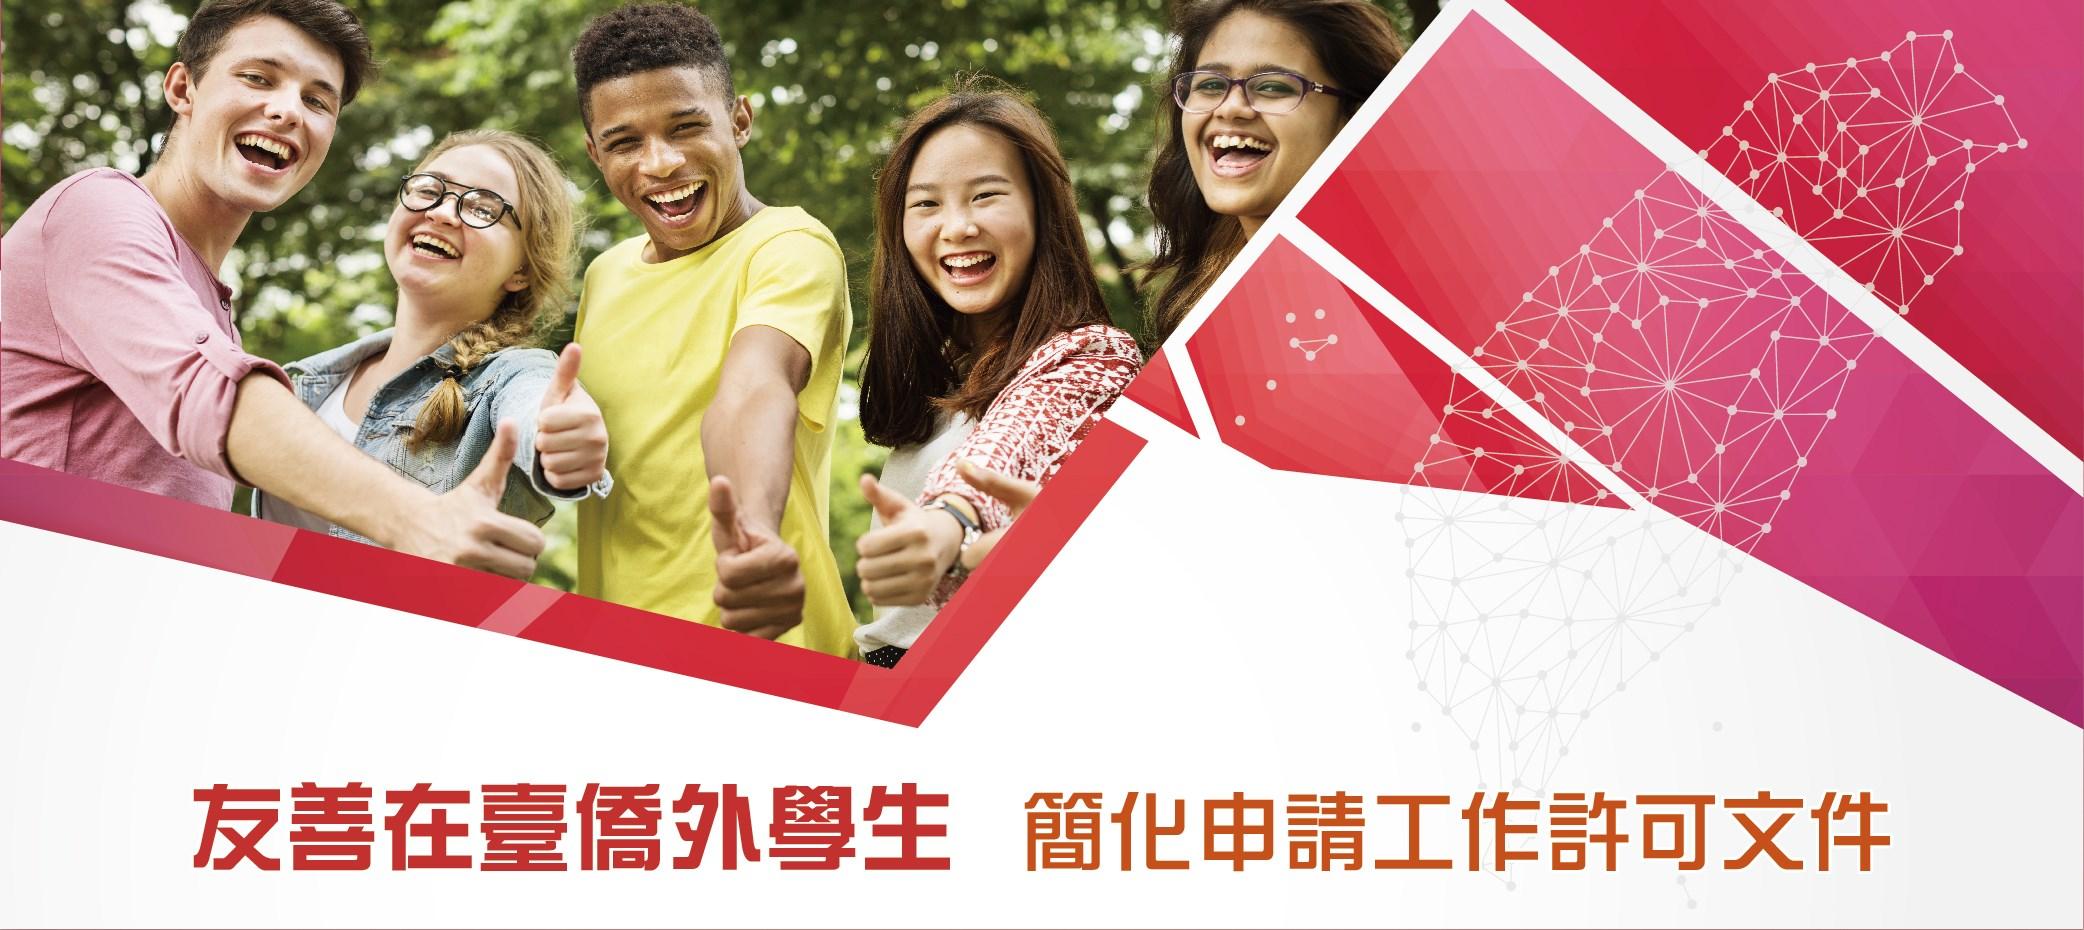 友善在臺僑外學生